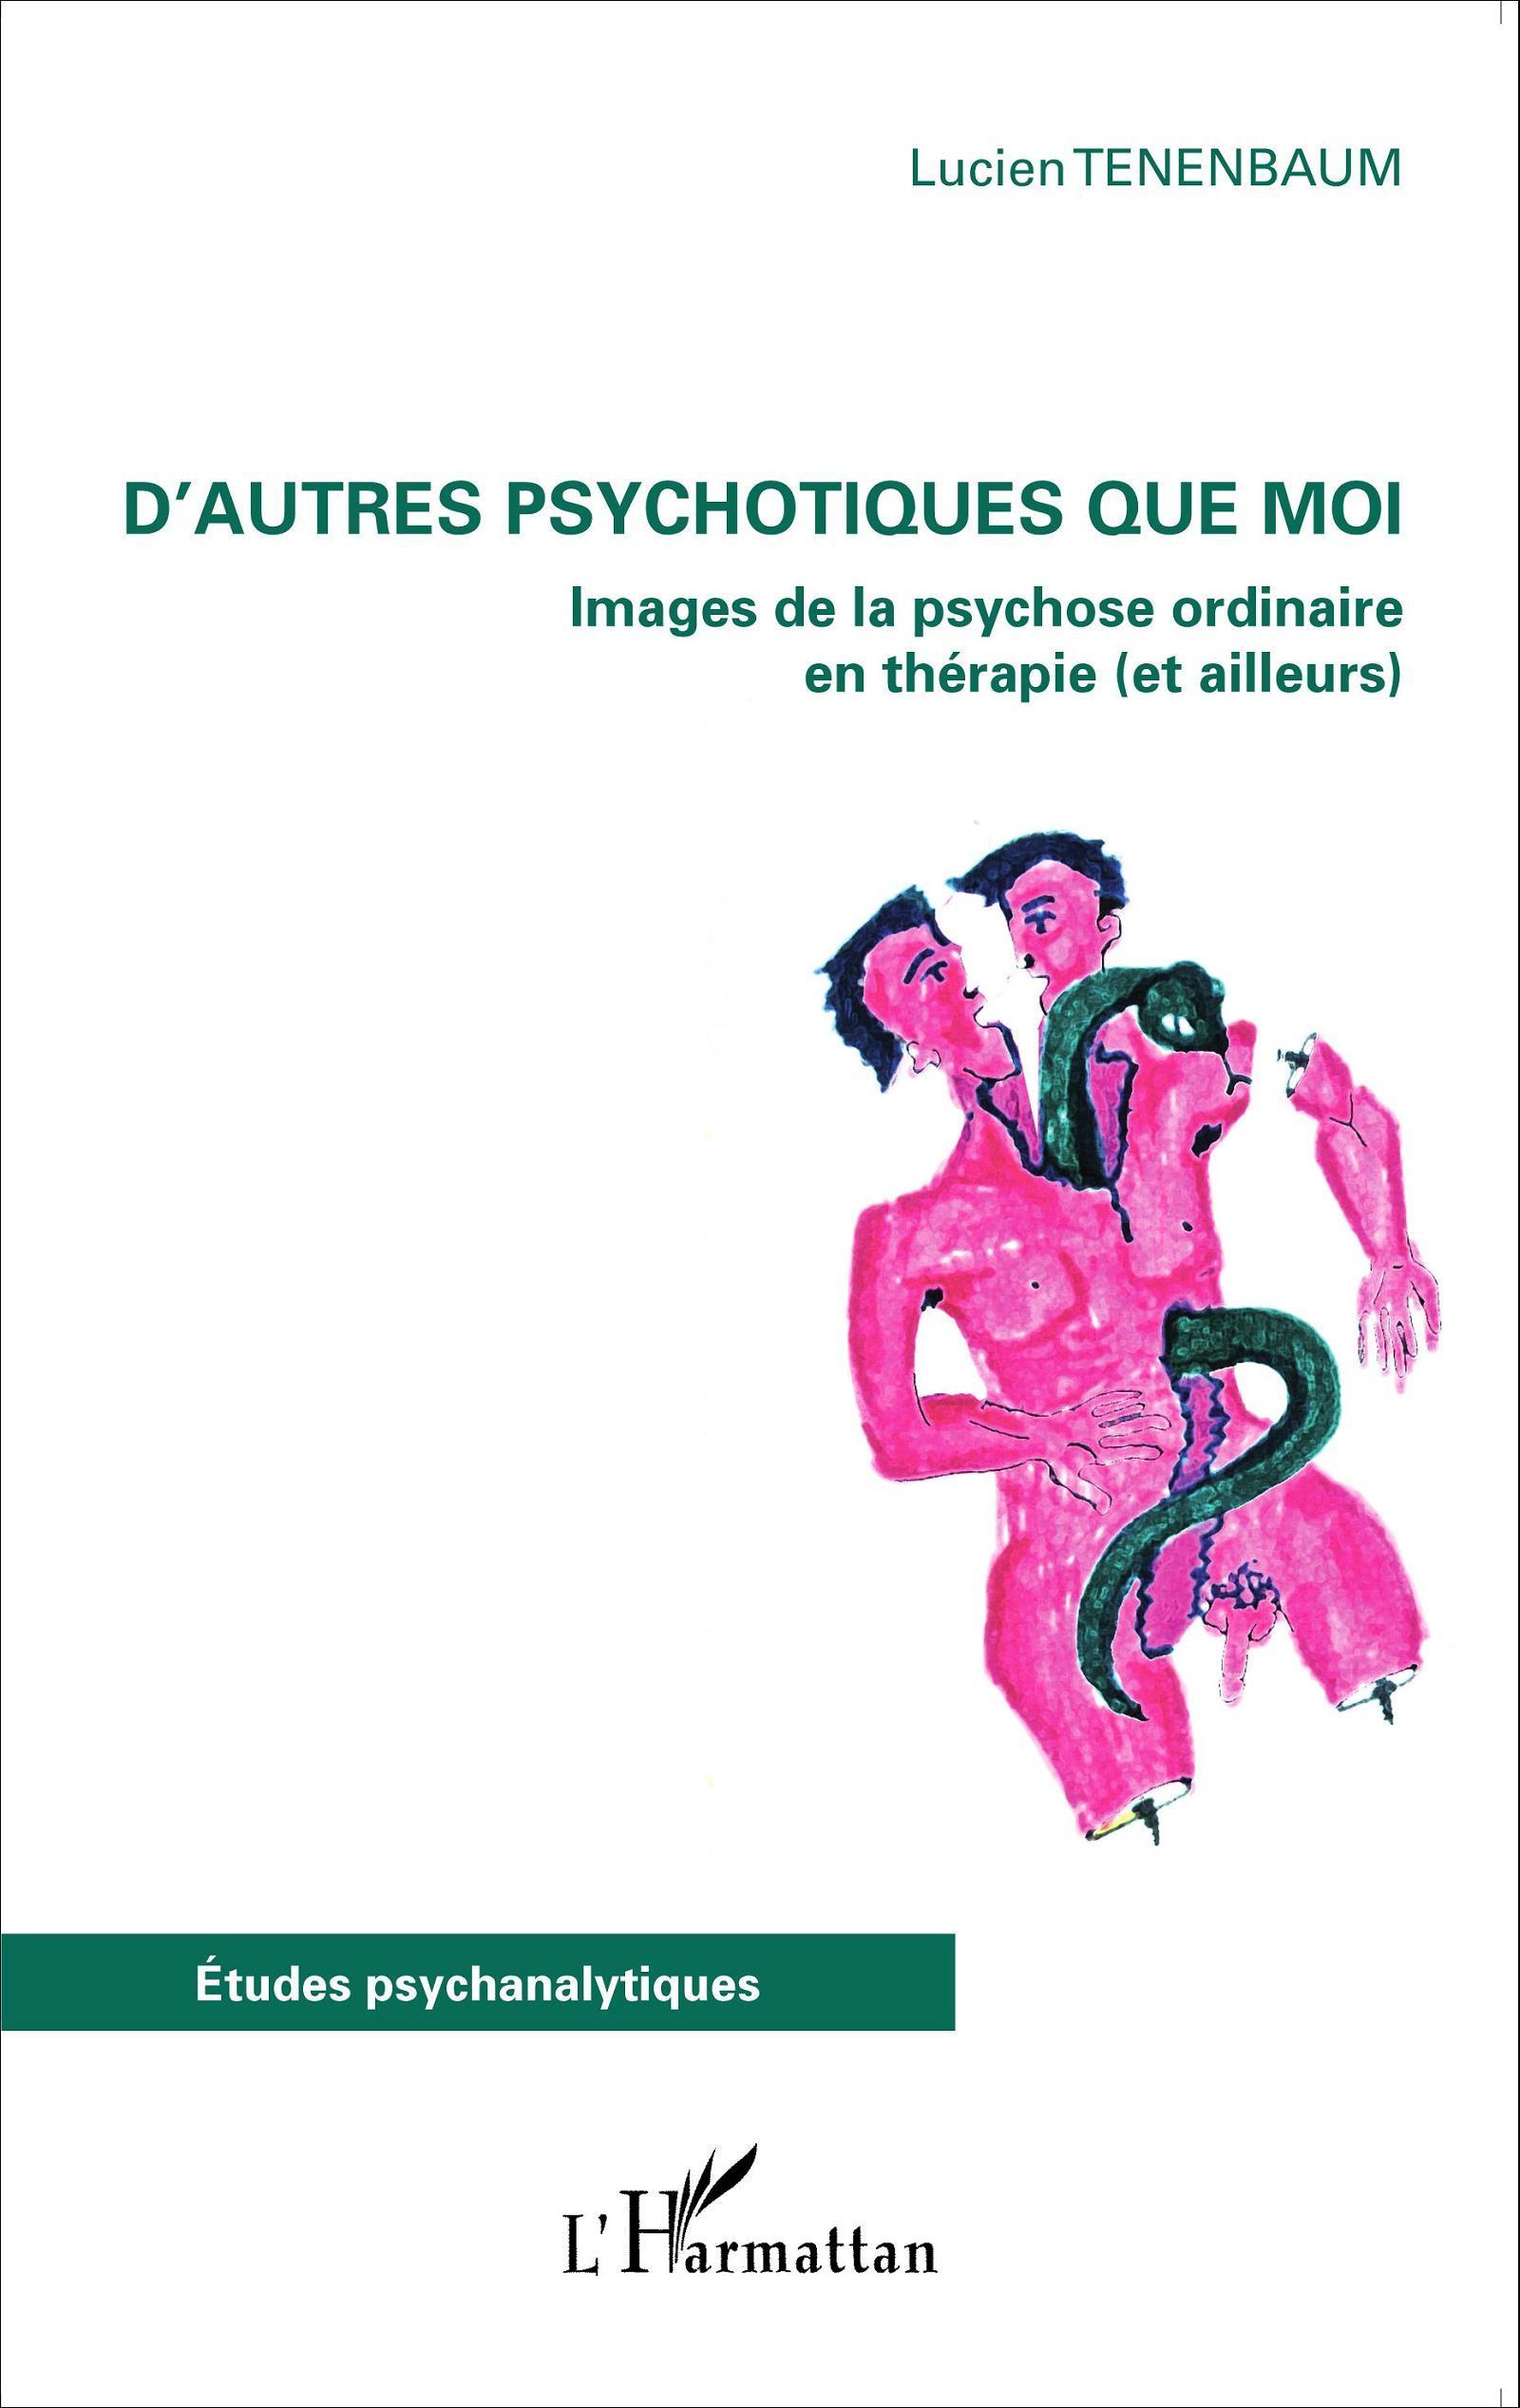 D'AUTRES PSYCHOTIQUES QUE MOI IMAGES DE LA PSYCHOSE ORDINAIRE EN THERAPIE ET AILLEURS